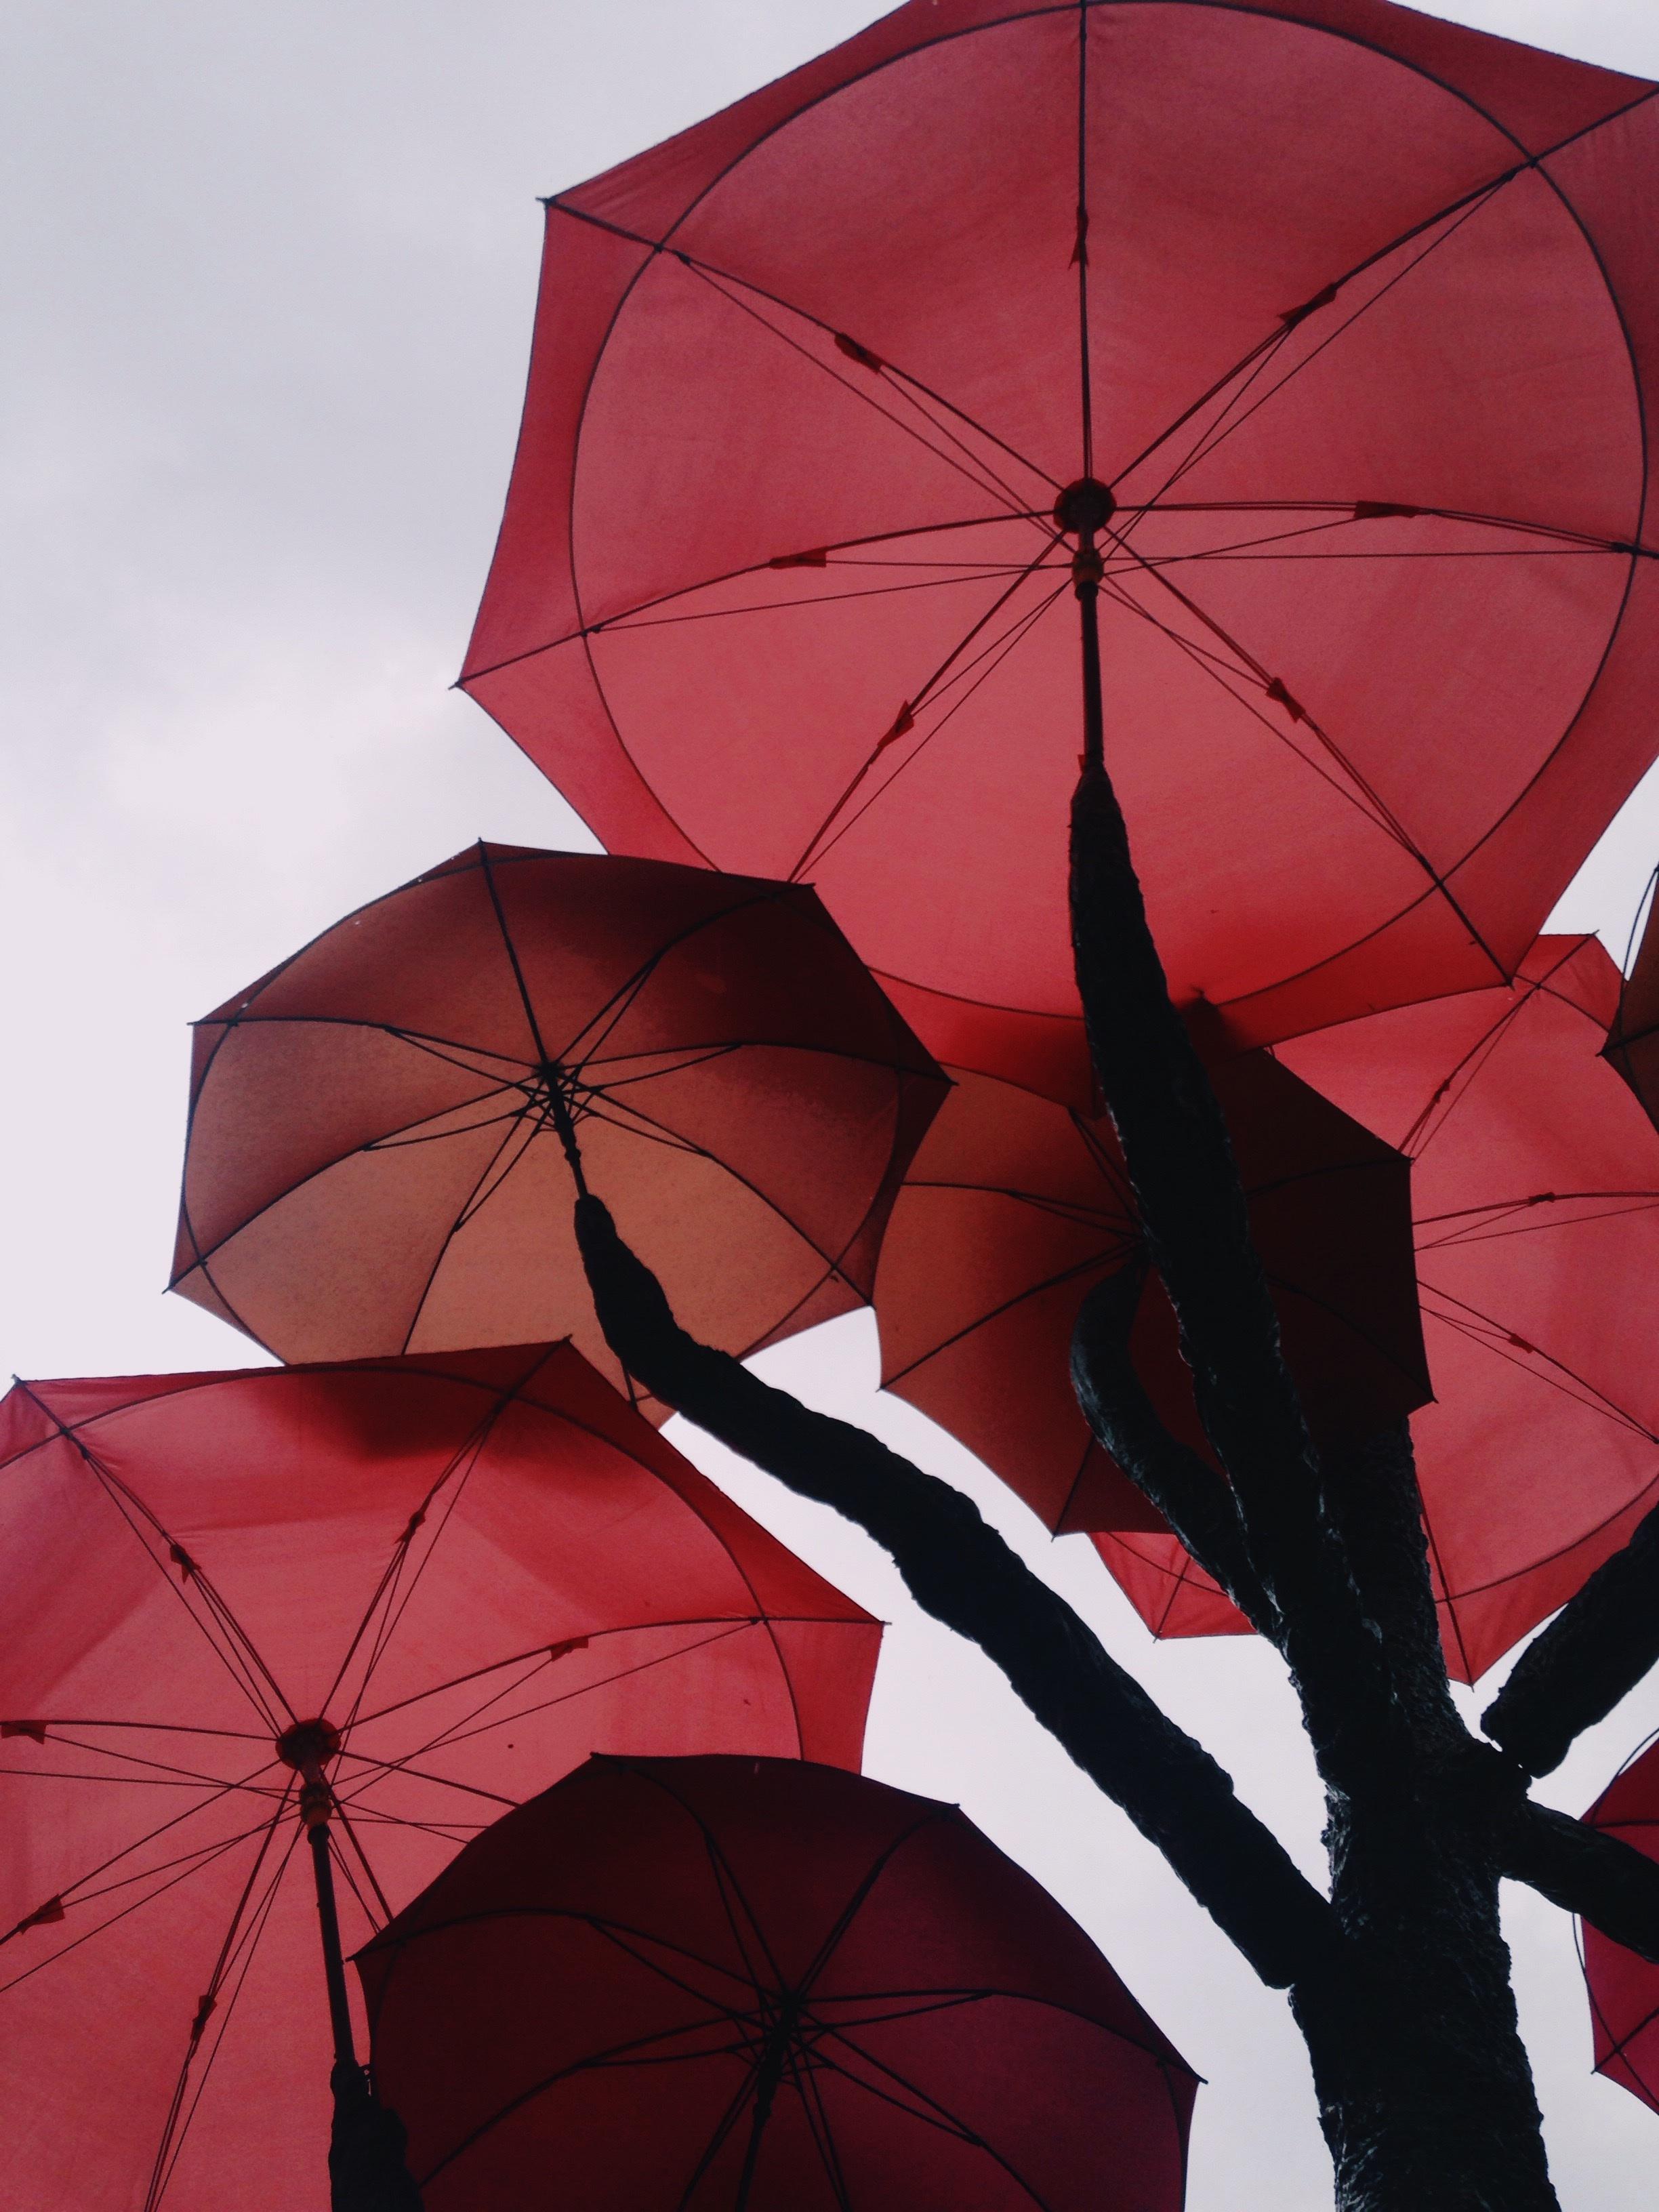 Фото с красным зонтом